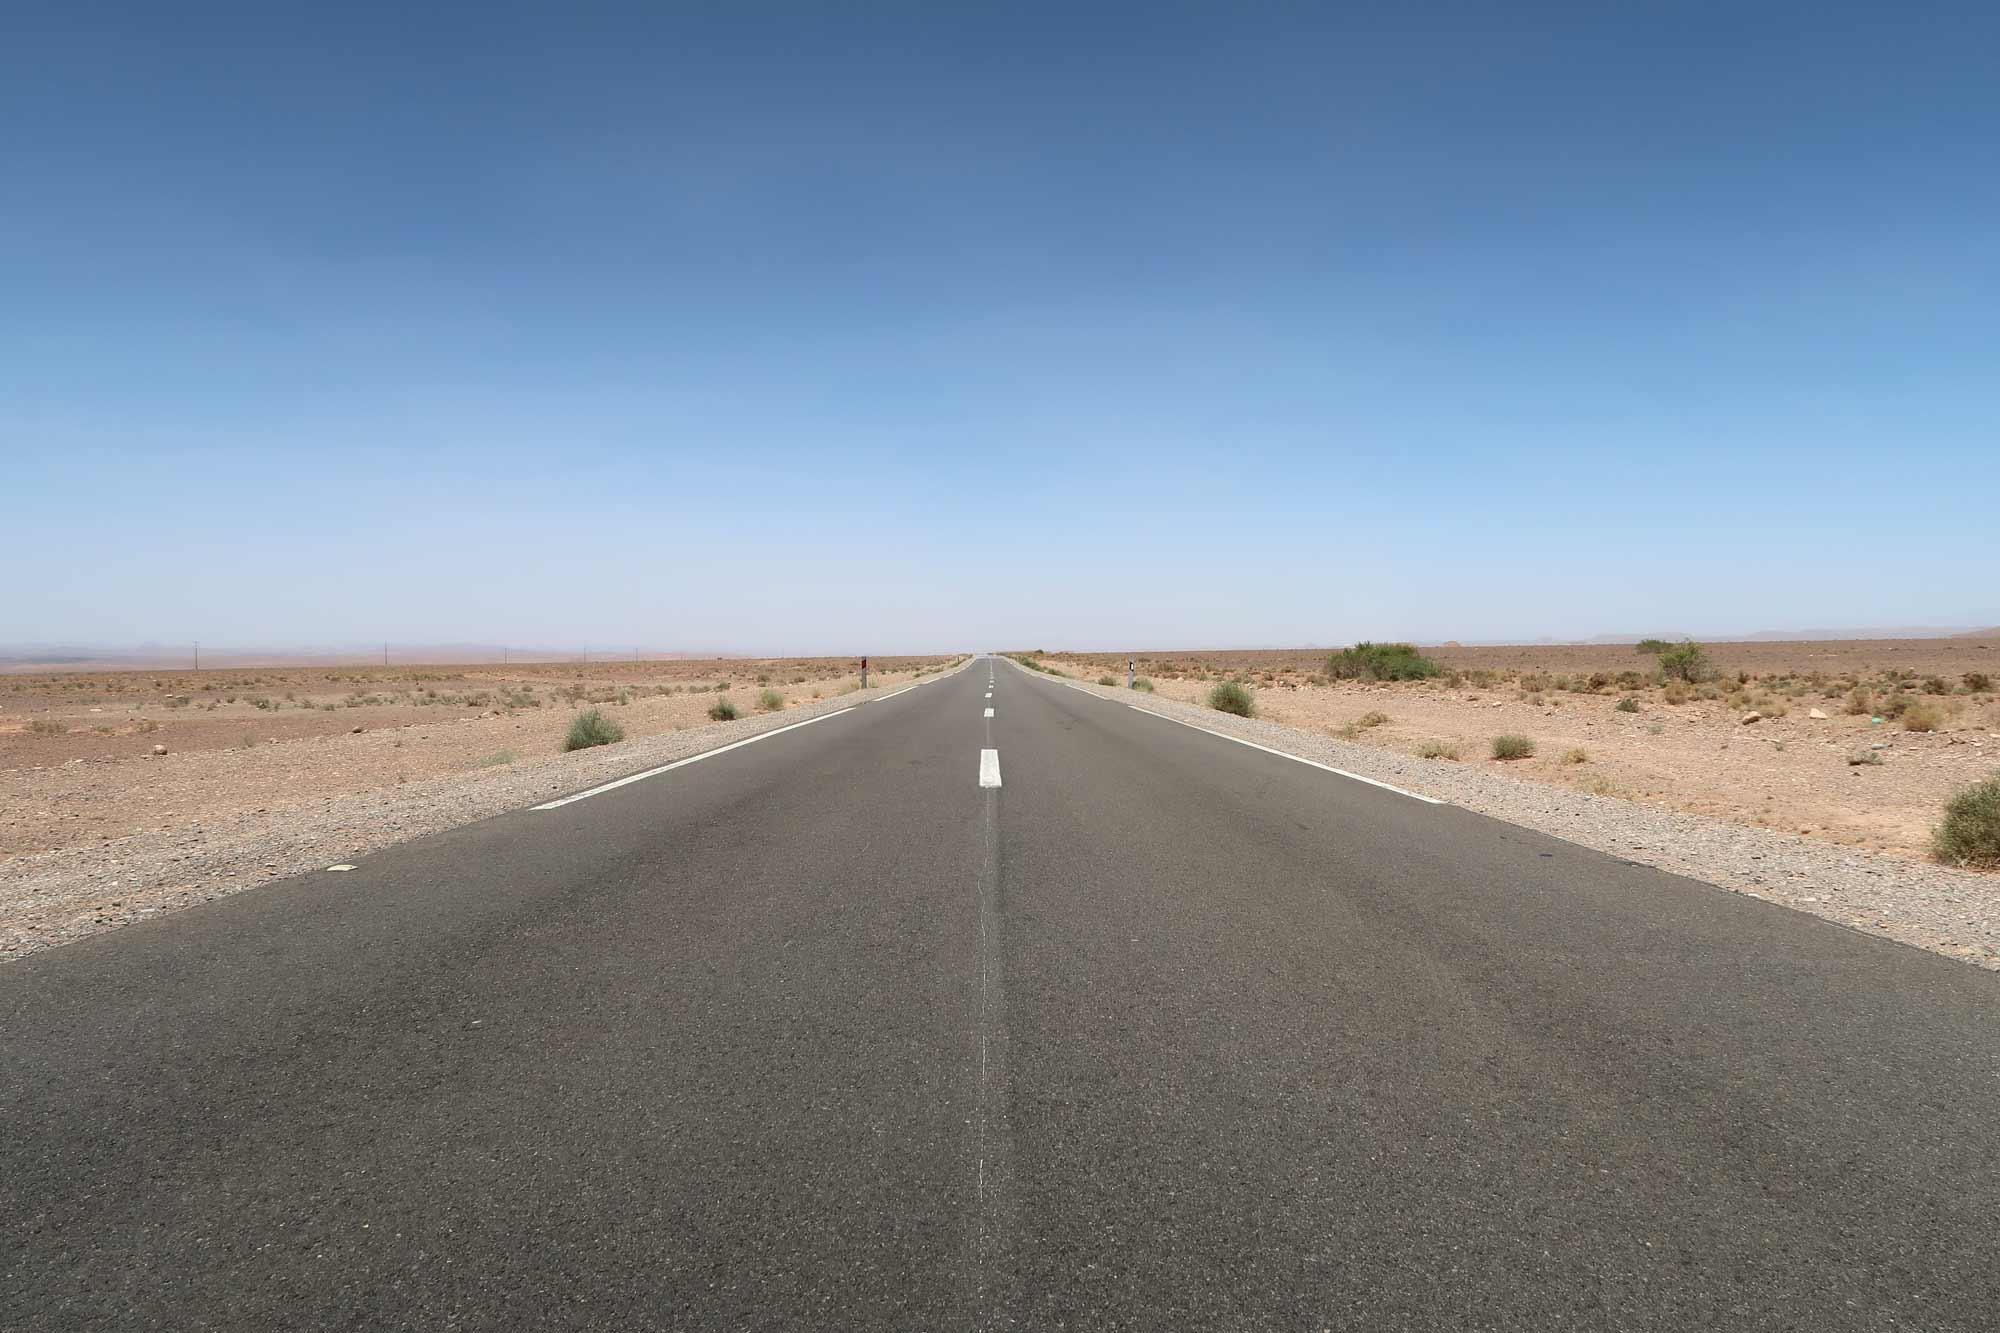 roadtrip marokko kosten f r 9 tage rundreise mit dem mietwagen. Black Bedroom Furniture Sets. Home Design Ideas